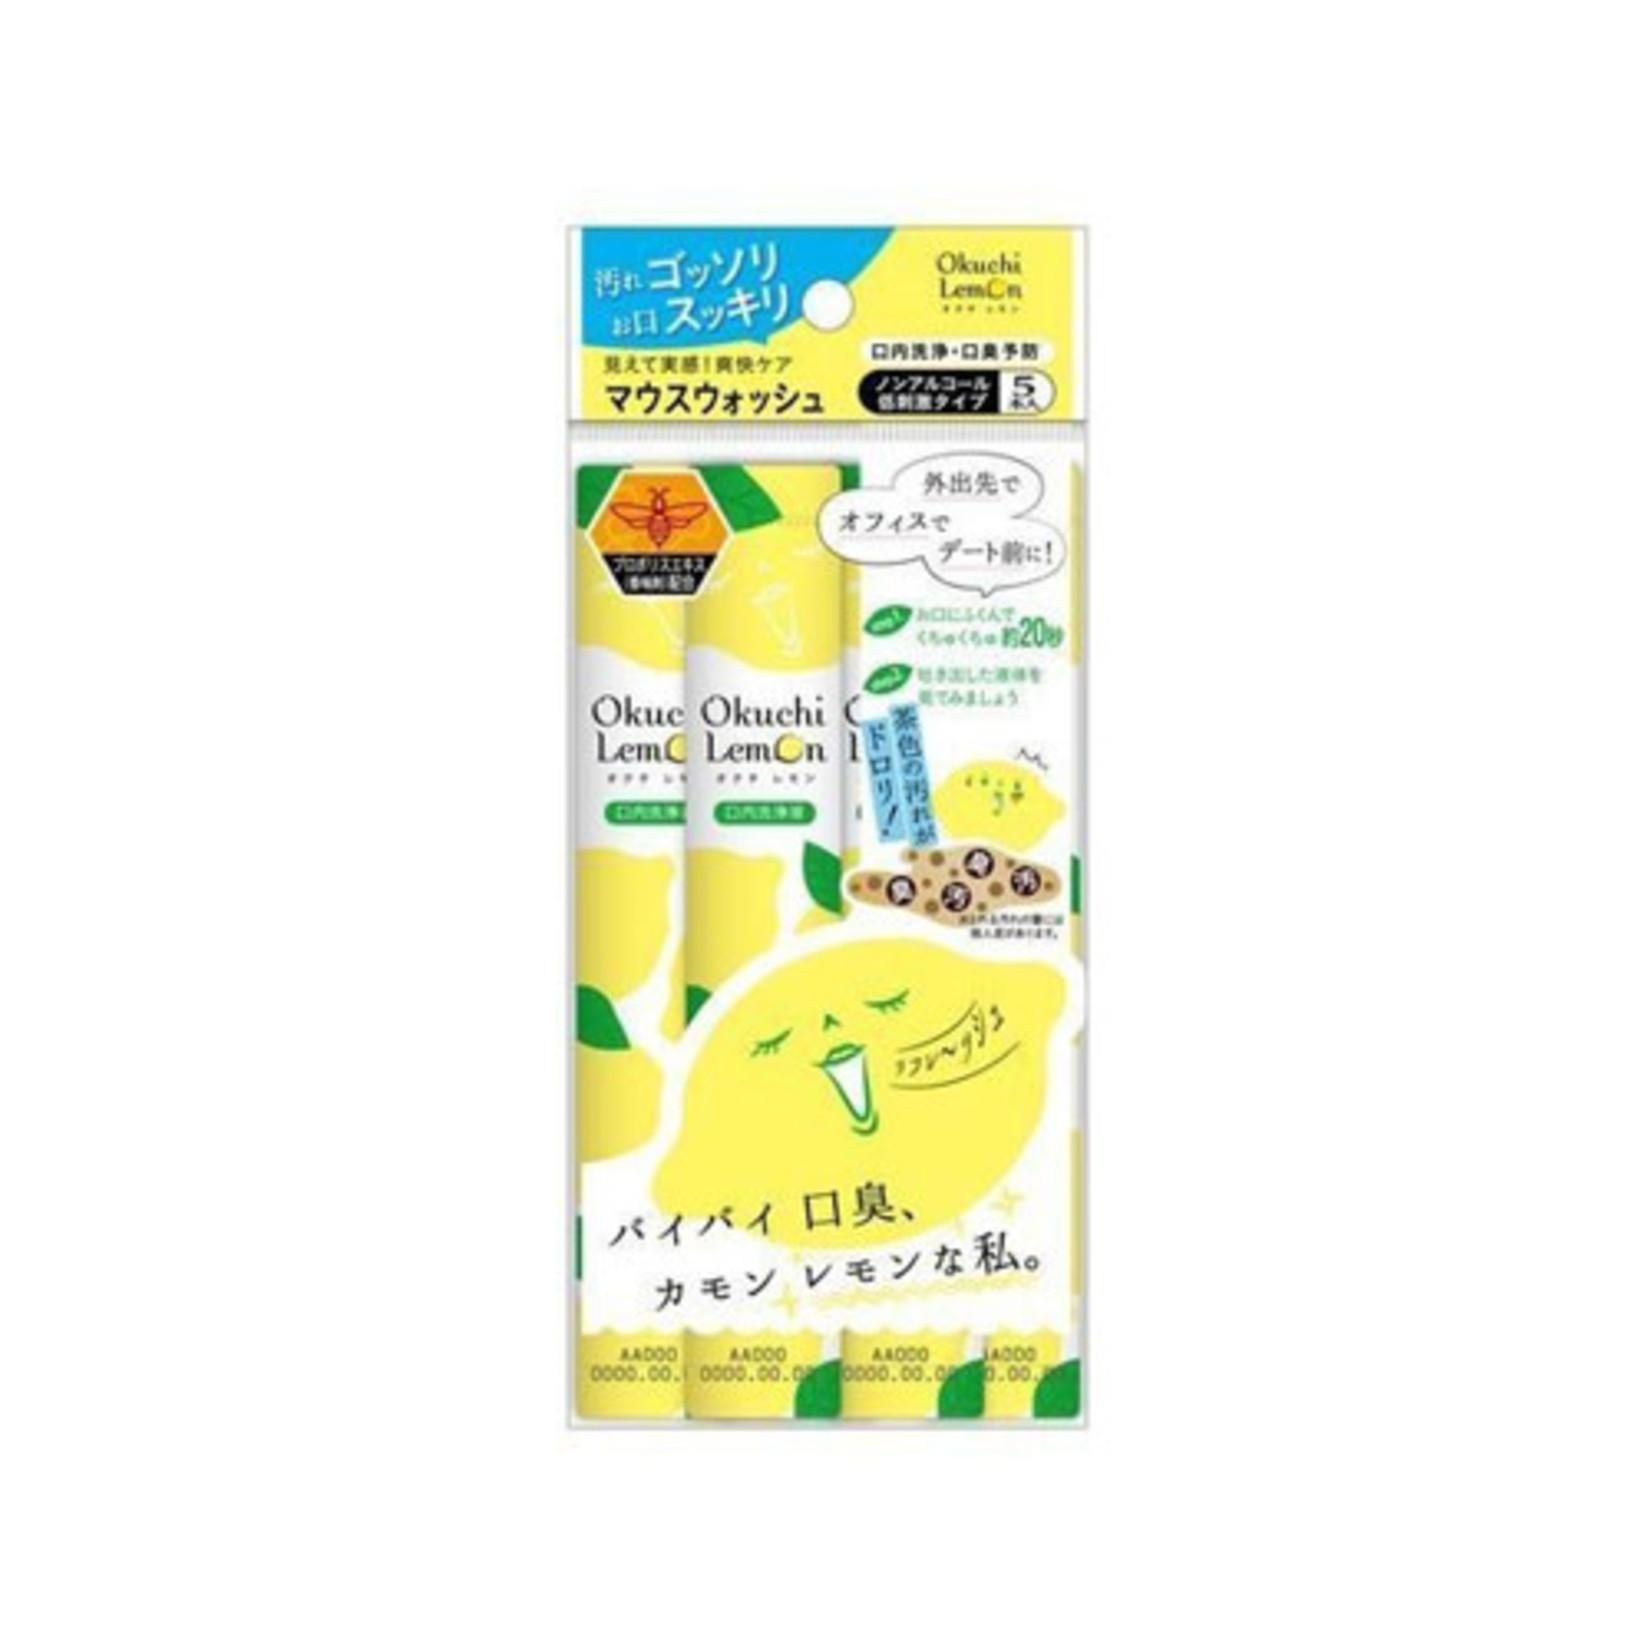 Okuchi Okuchi Lemon Mouth Wash 5pcs